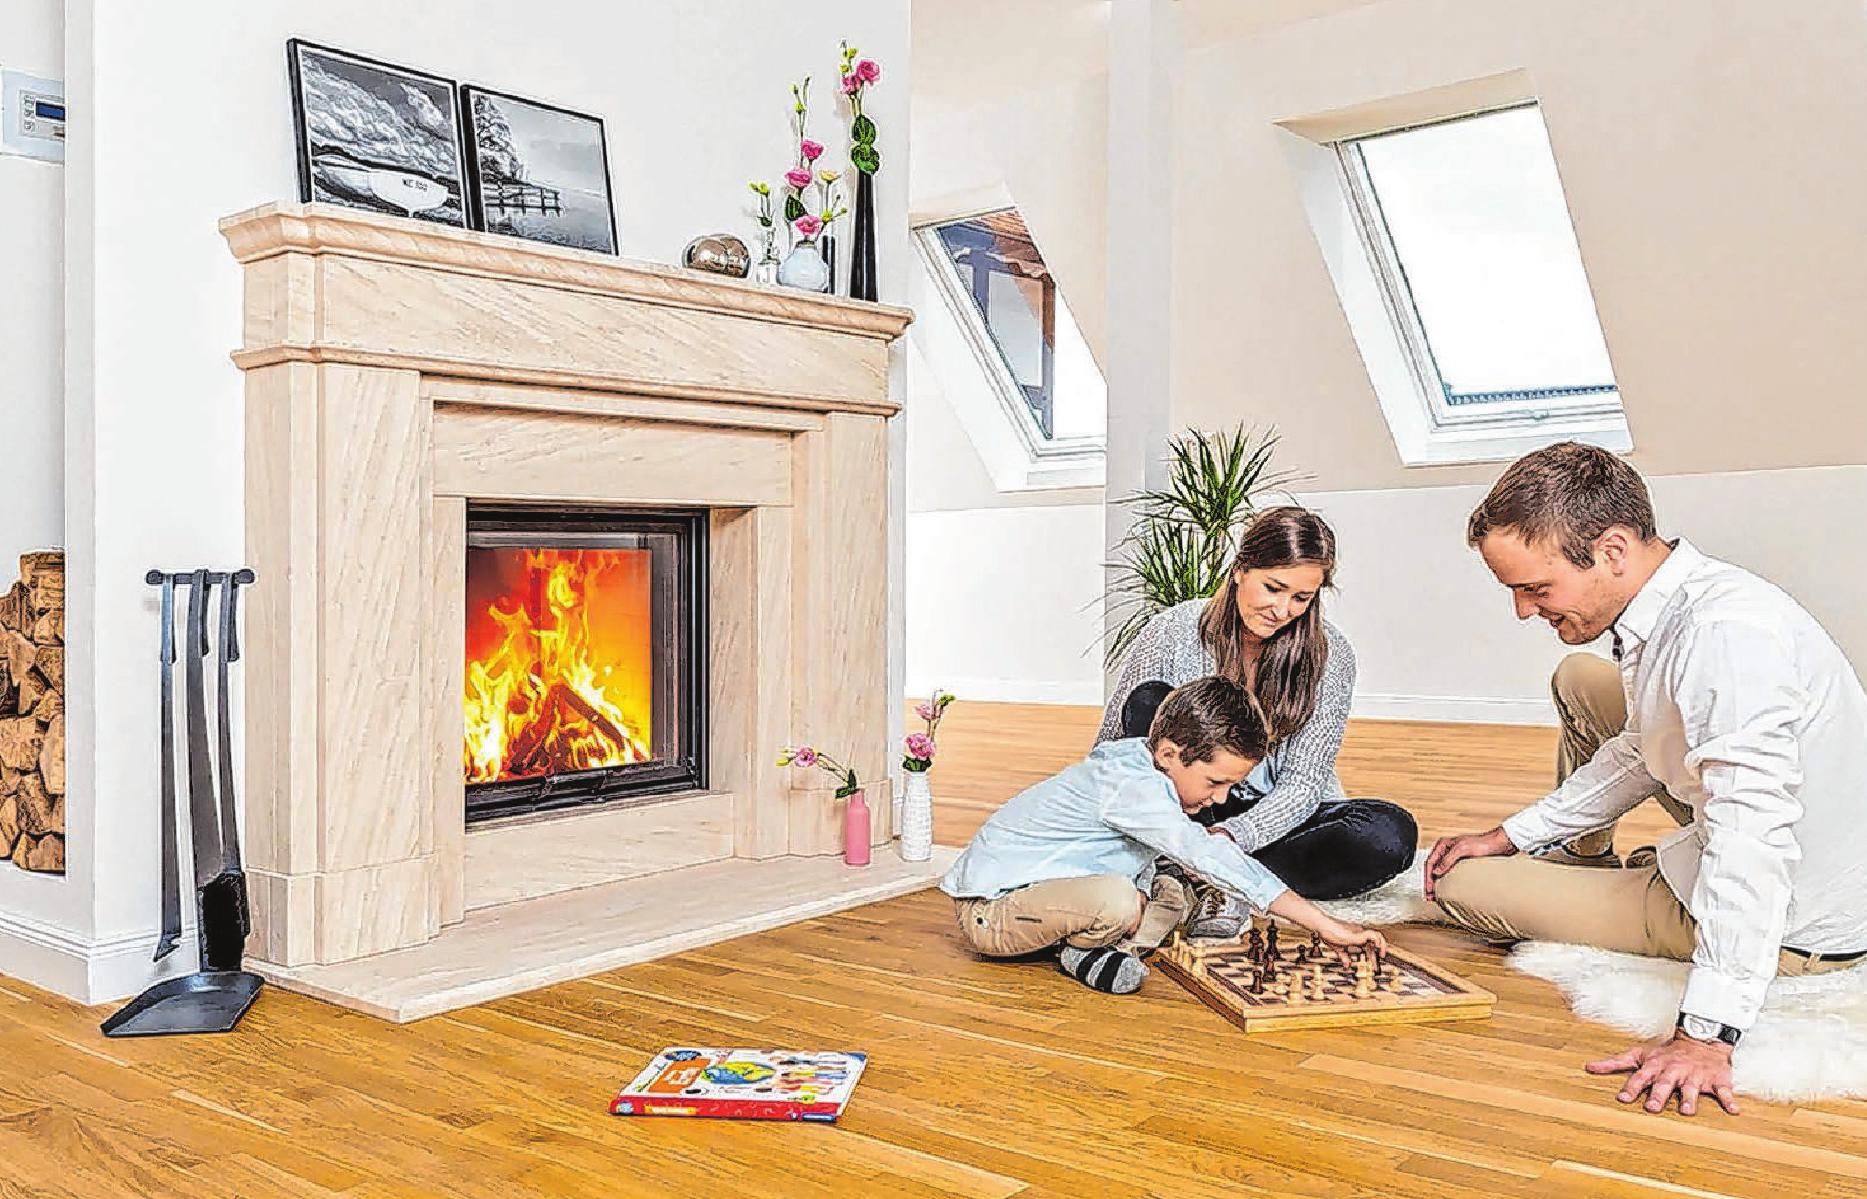 Zu den schönsten Glückserlebnissen für Kinder und Erwachsene kann es gehören, sich gemeinsam um ein echtes Feuer zu versammeln und dessen Wärme zu spüren.                Foto: djd/AdK/www.kachelofenwelt.de/Schmid